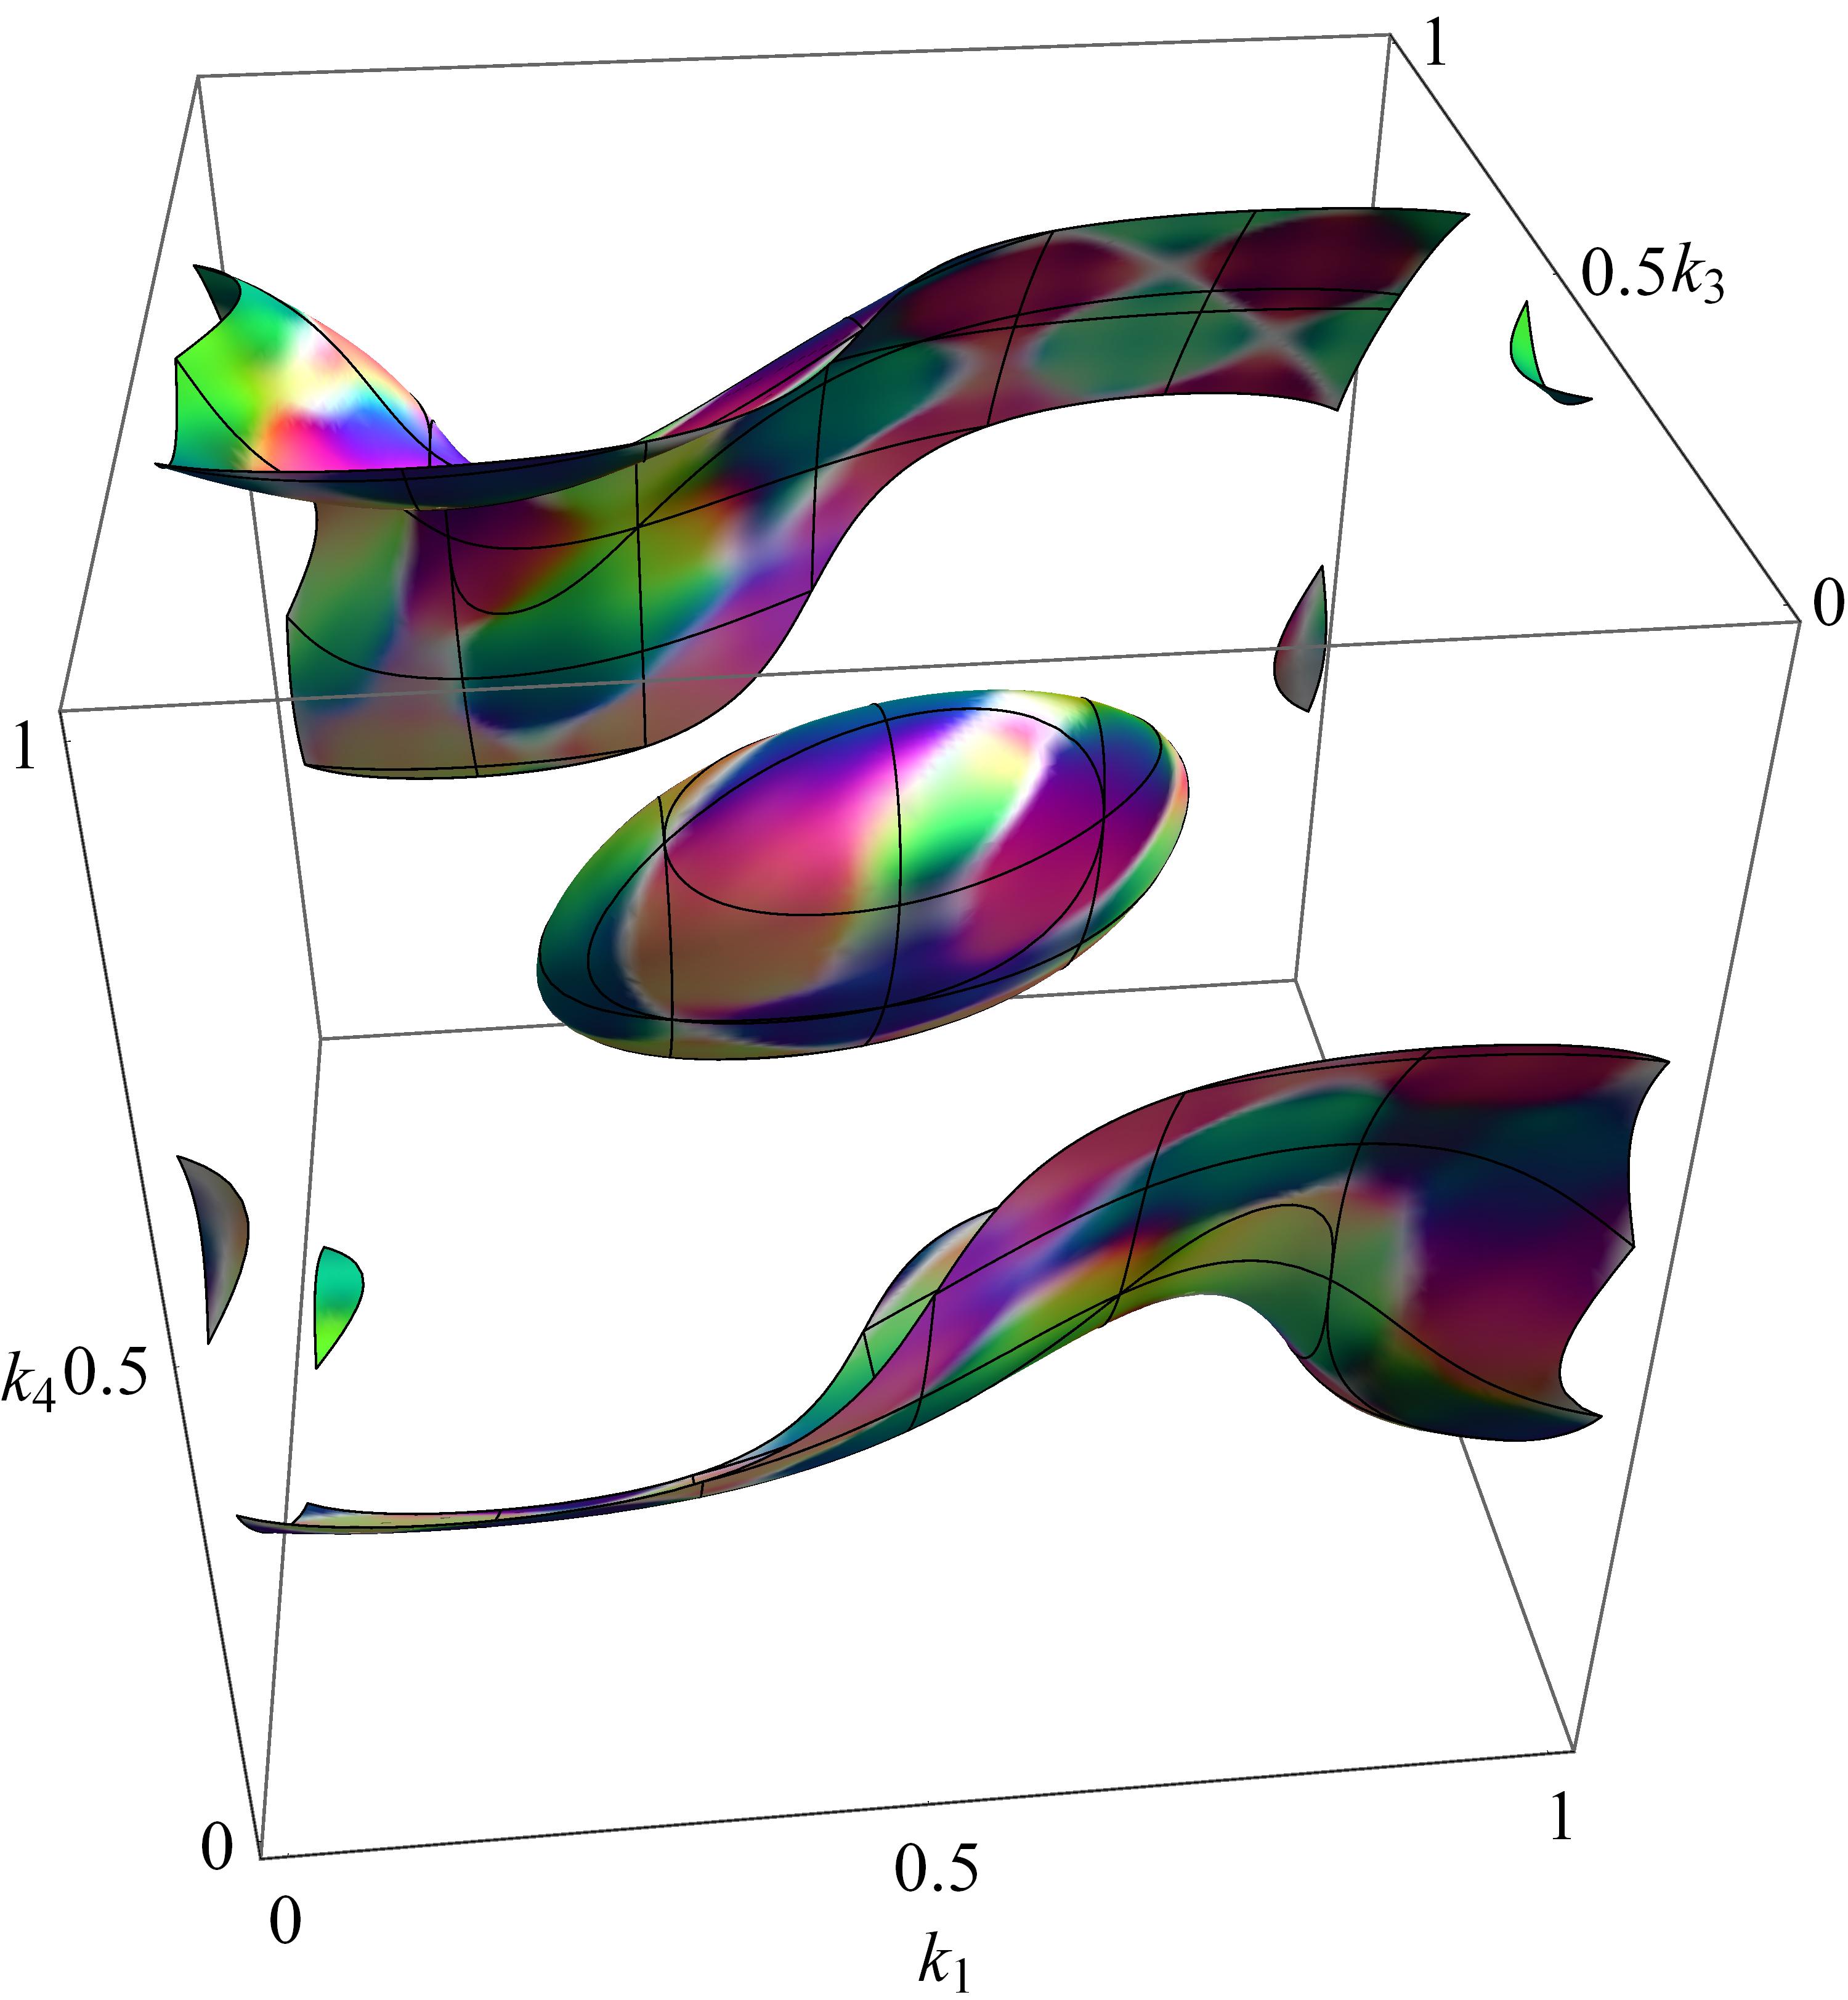 principia mathematica volume 2 pdf